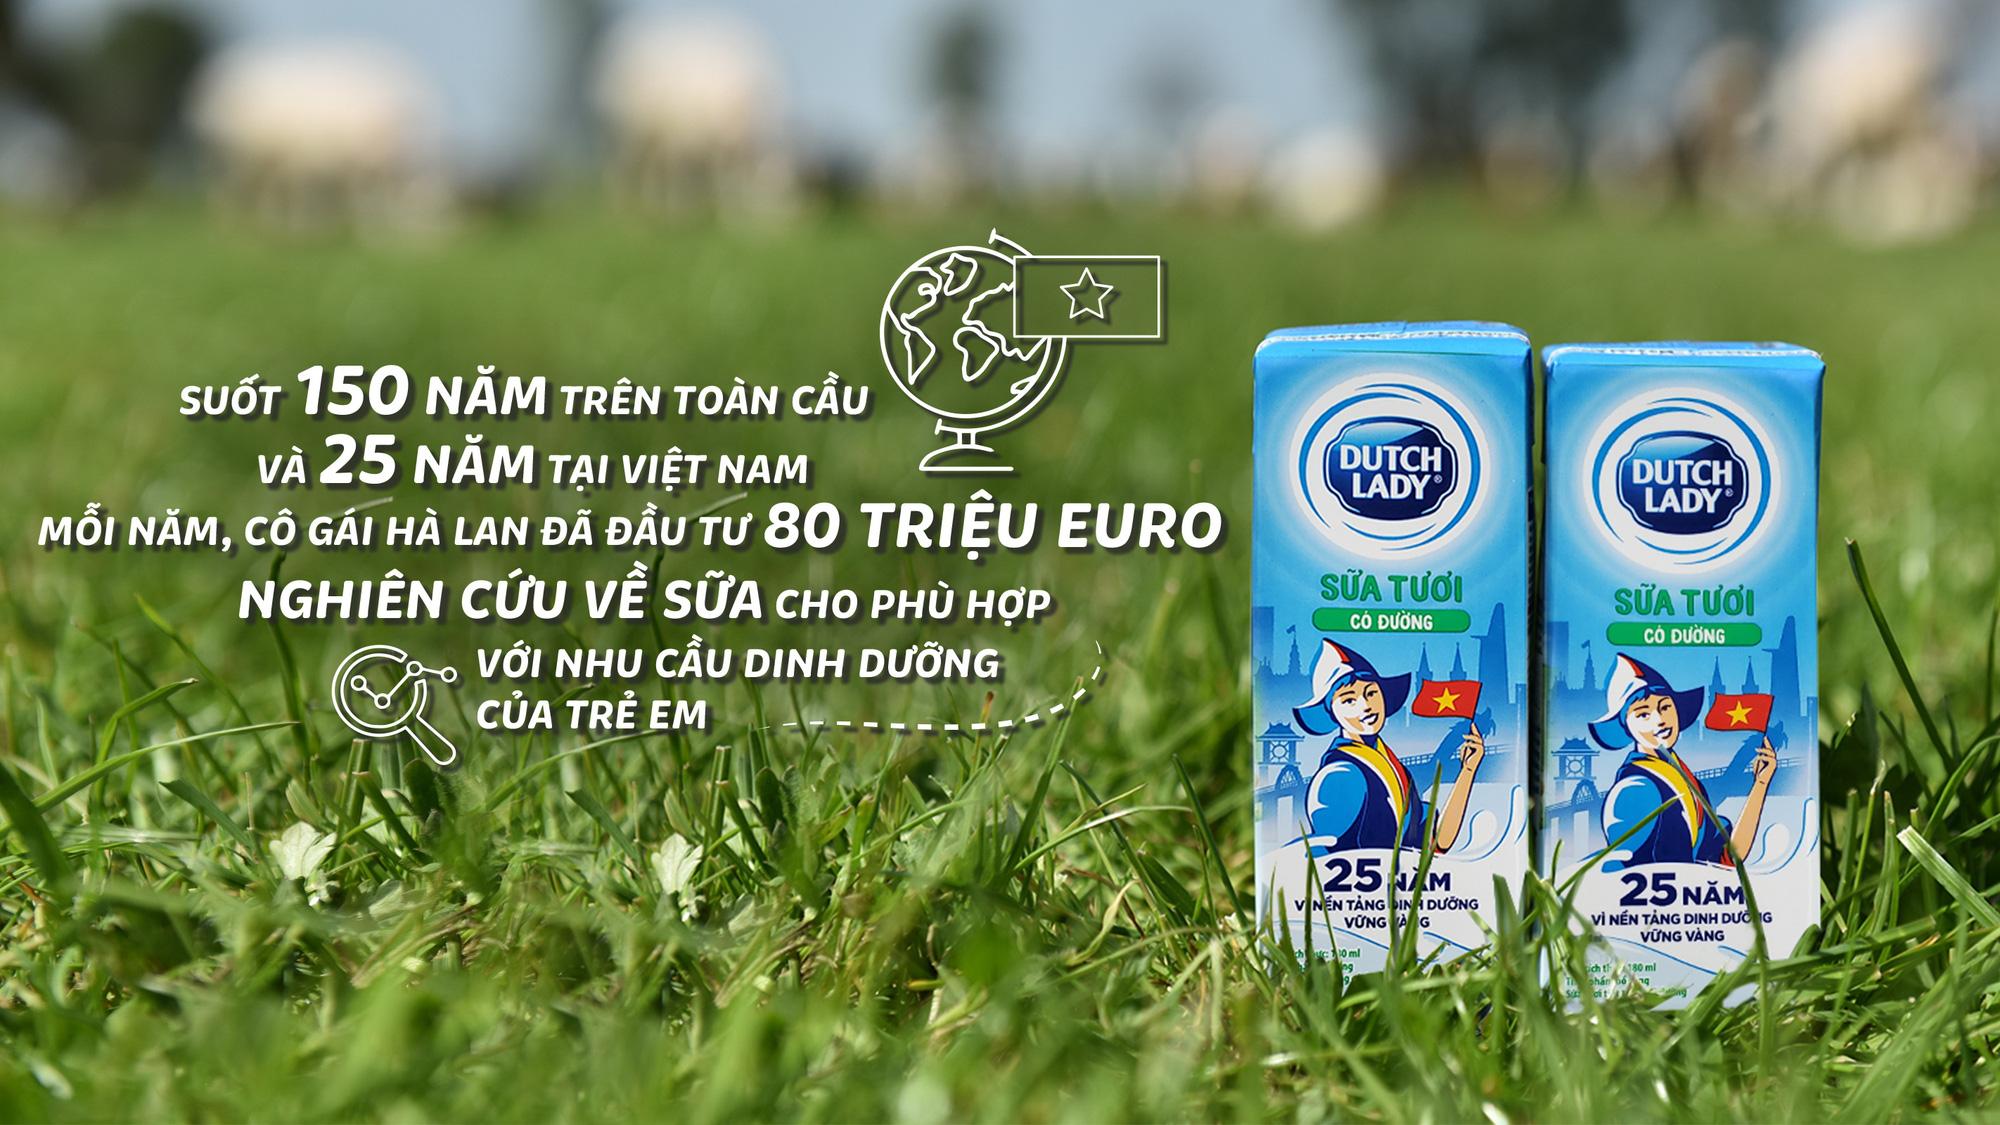 Tập đoàn sở hữu sữa Cô gái Hà Lan nằm trong Top 3 toàn cầu - Ảnh 2.